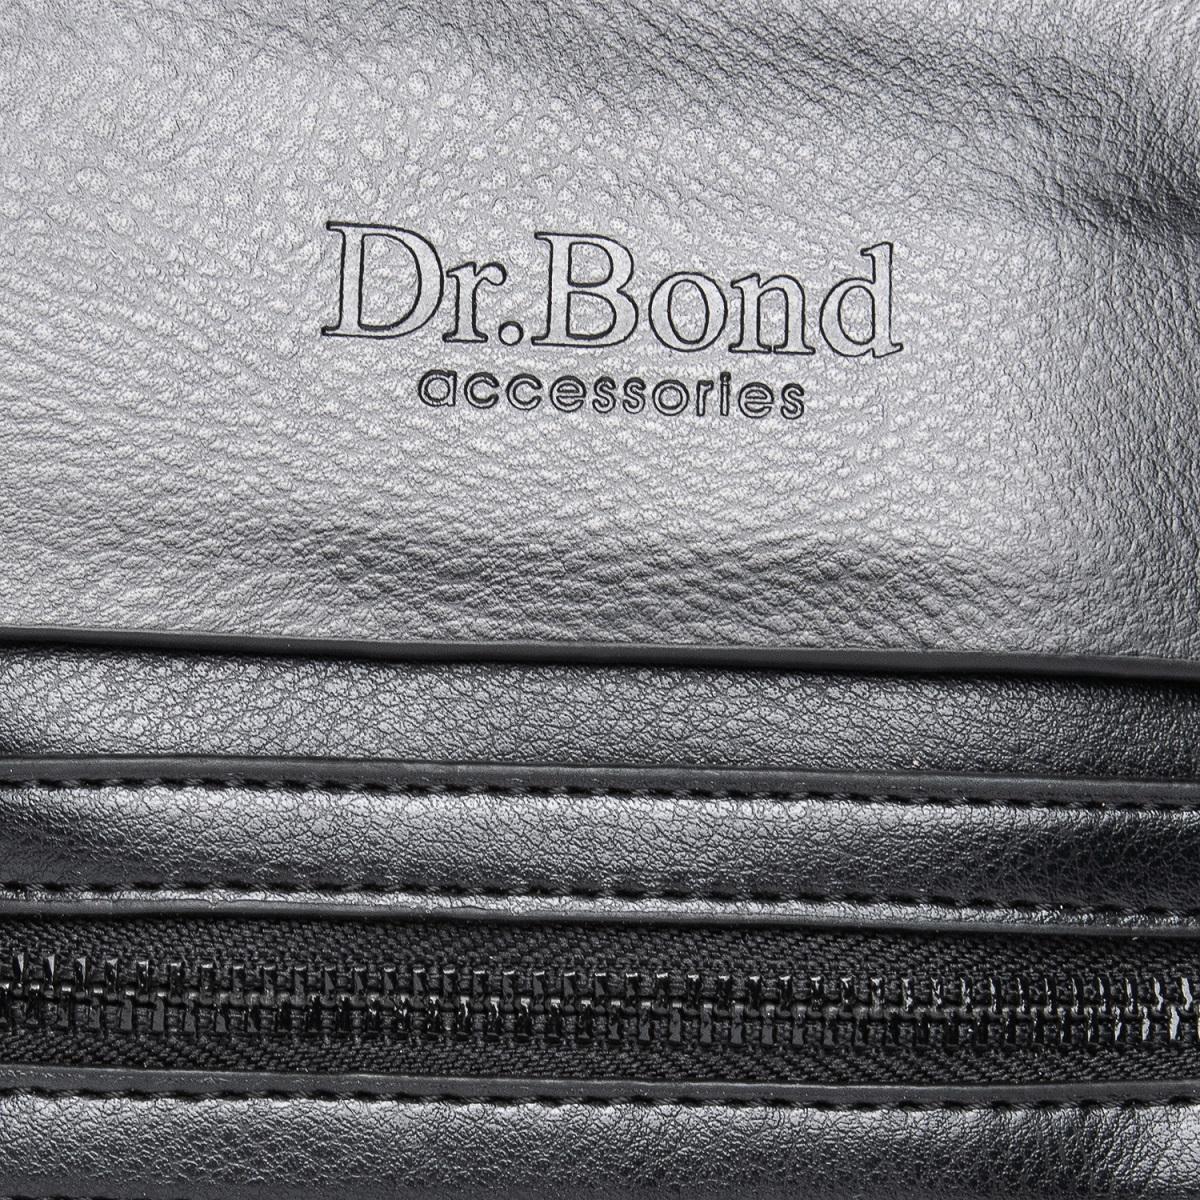 Сумка Мужская Планшет иск-кожа DR. BOND GL 315-2 black - фото 3